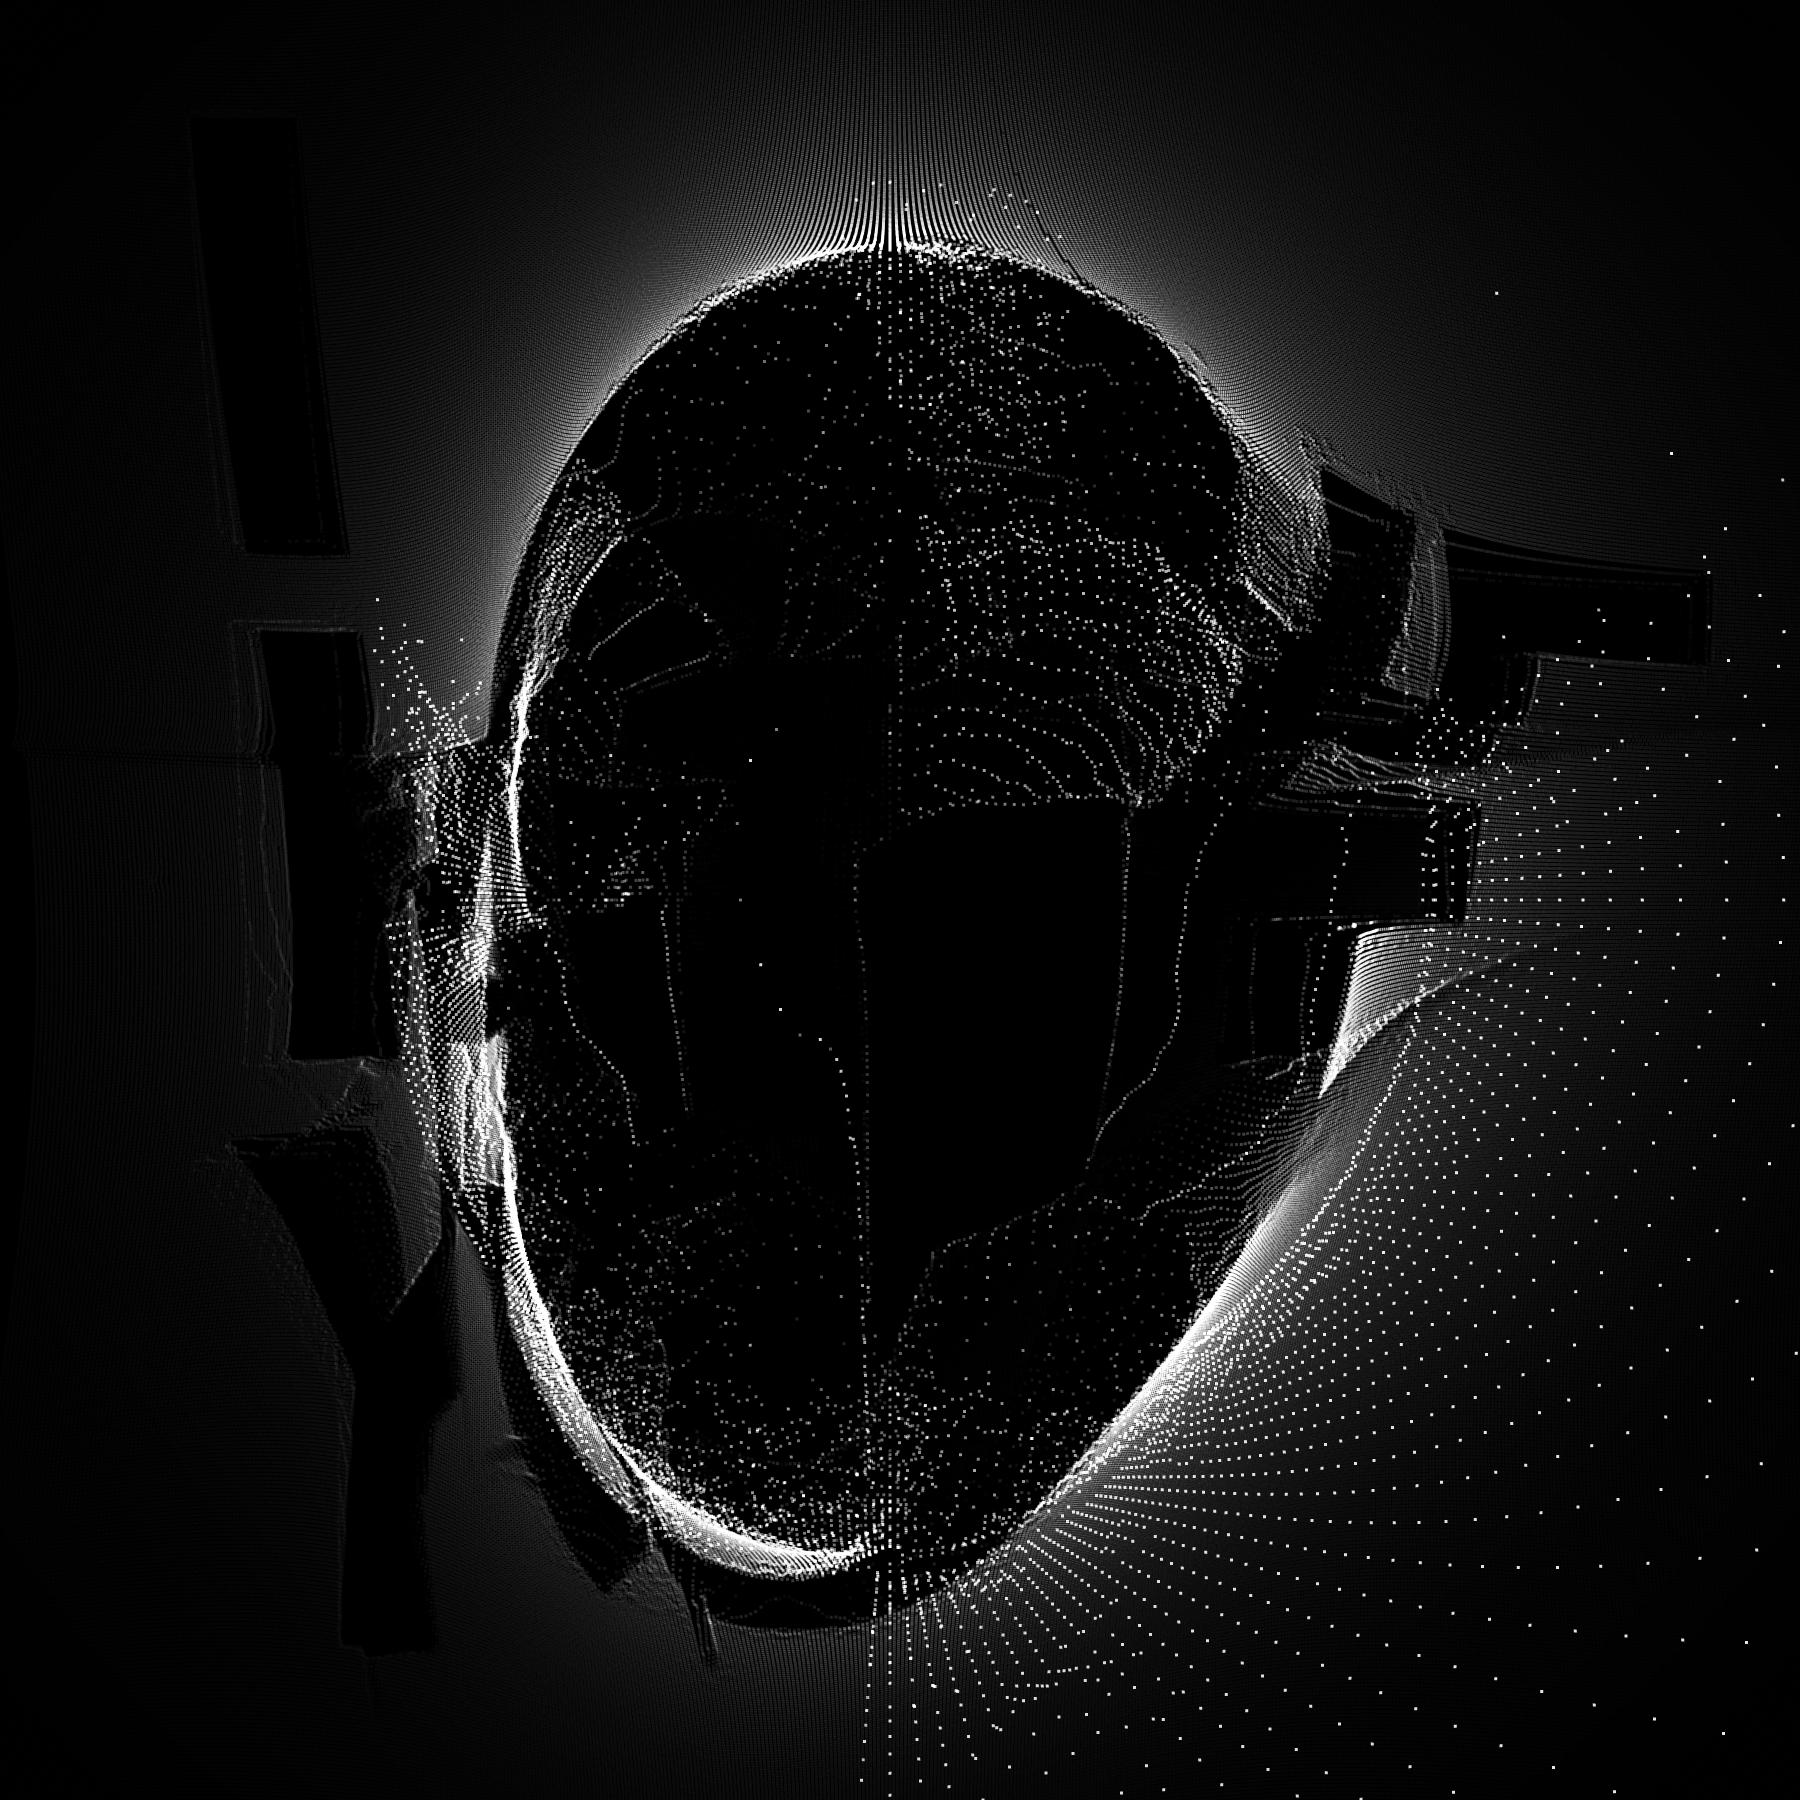 Resurrect_WebGL_StackGL_RezaAli_2.png